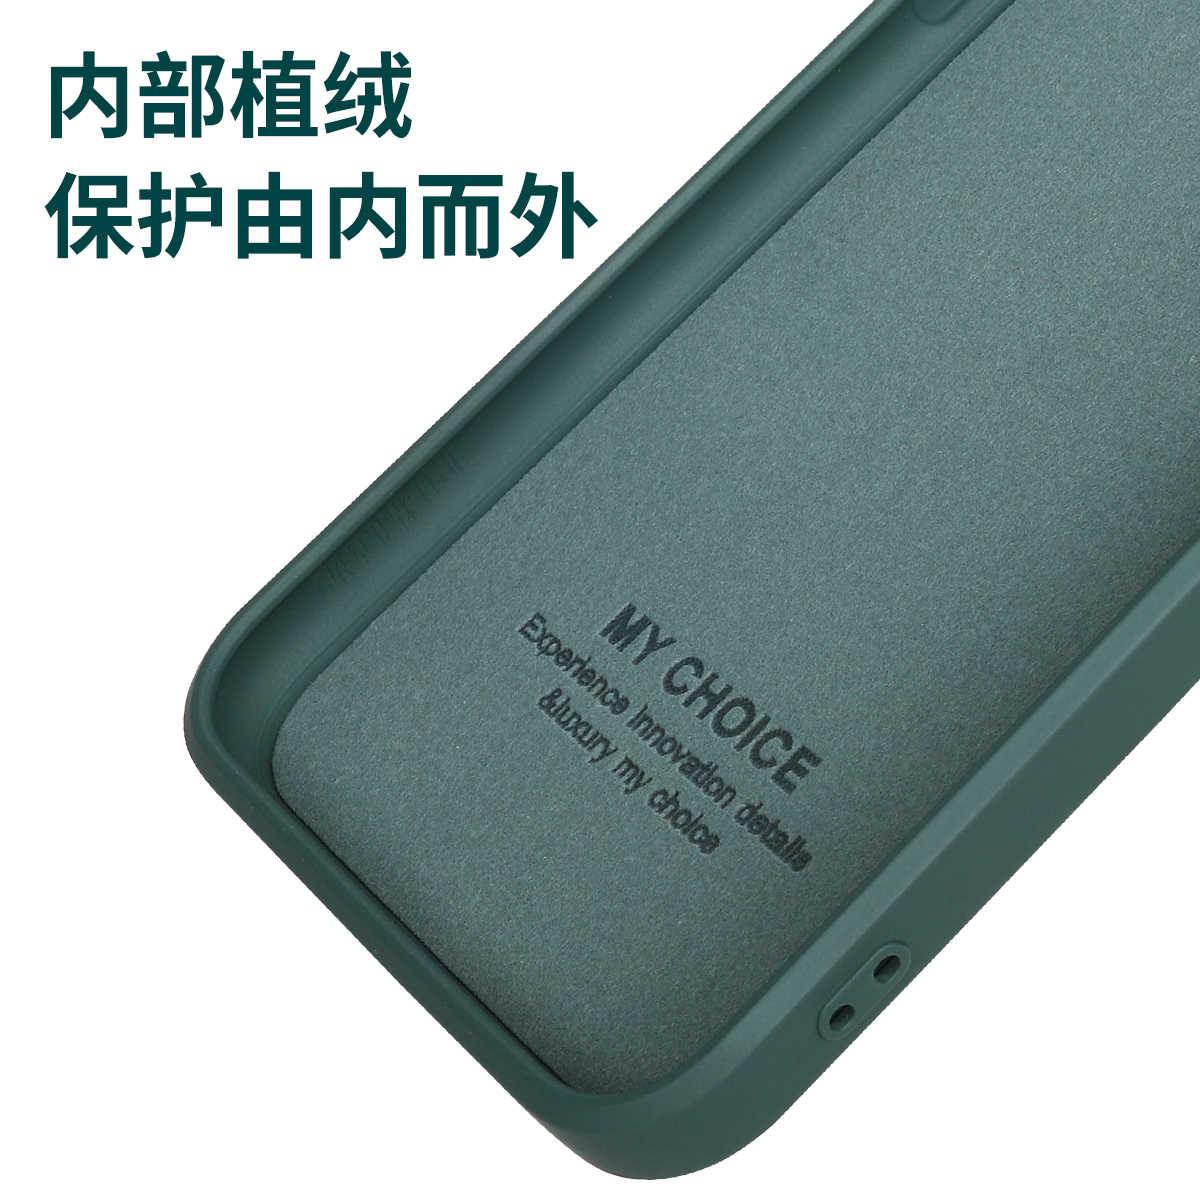 حافظة لهاتف آيفون 12 11 برو ماكس SE2 SE 2020 XS XR 6 7 8 Plus حافظة لهاتف آيفون 12 Max